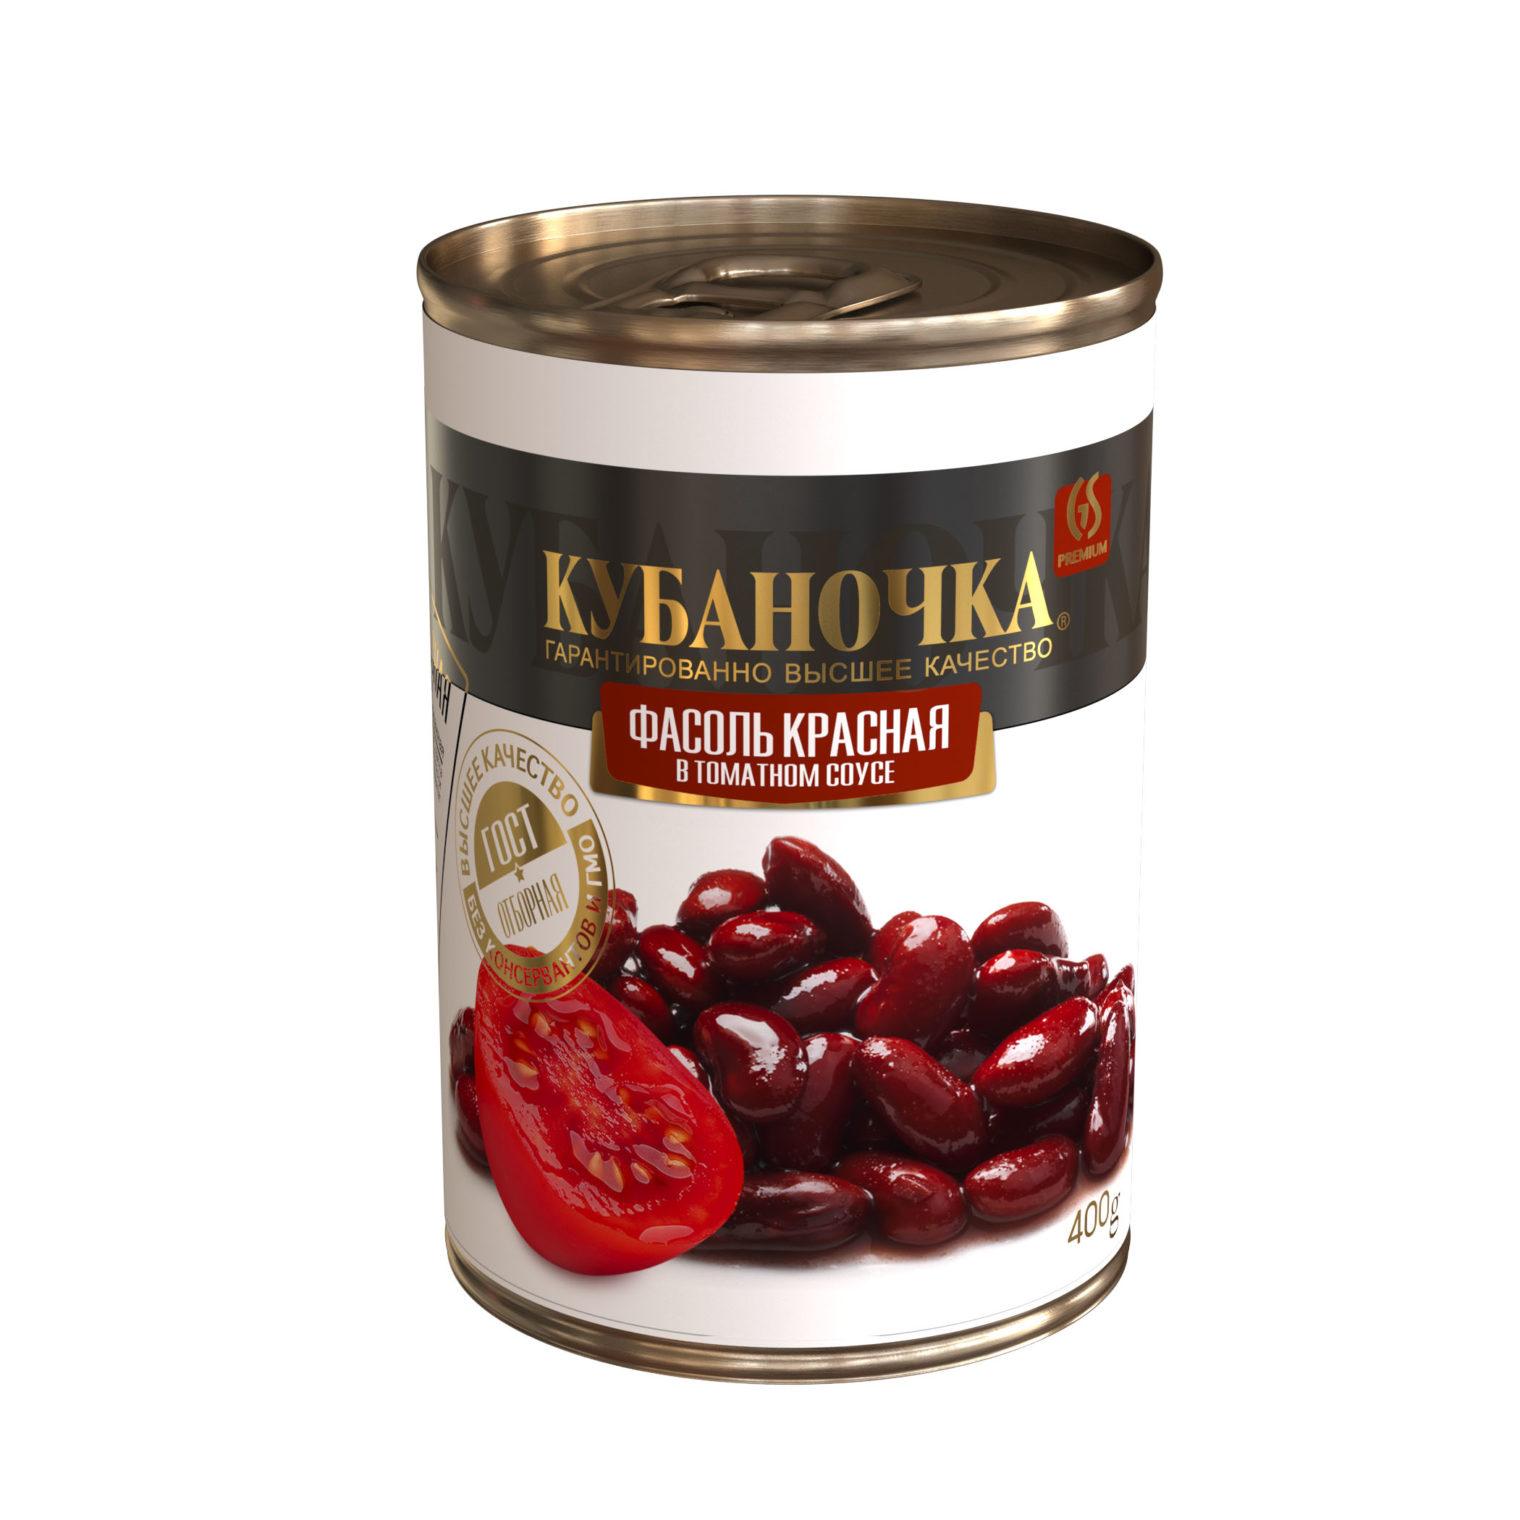 Фасоль красная в томатном соусе, Масса: 400 г